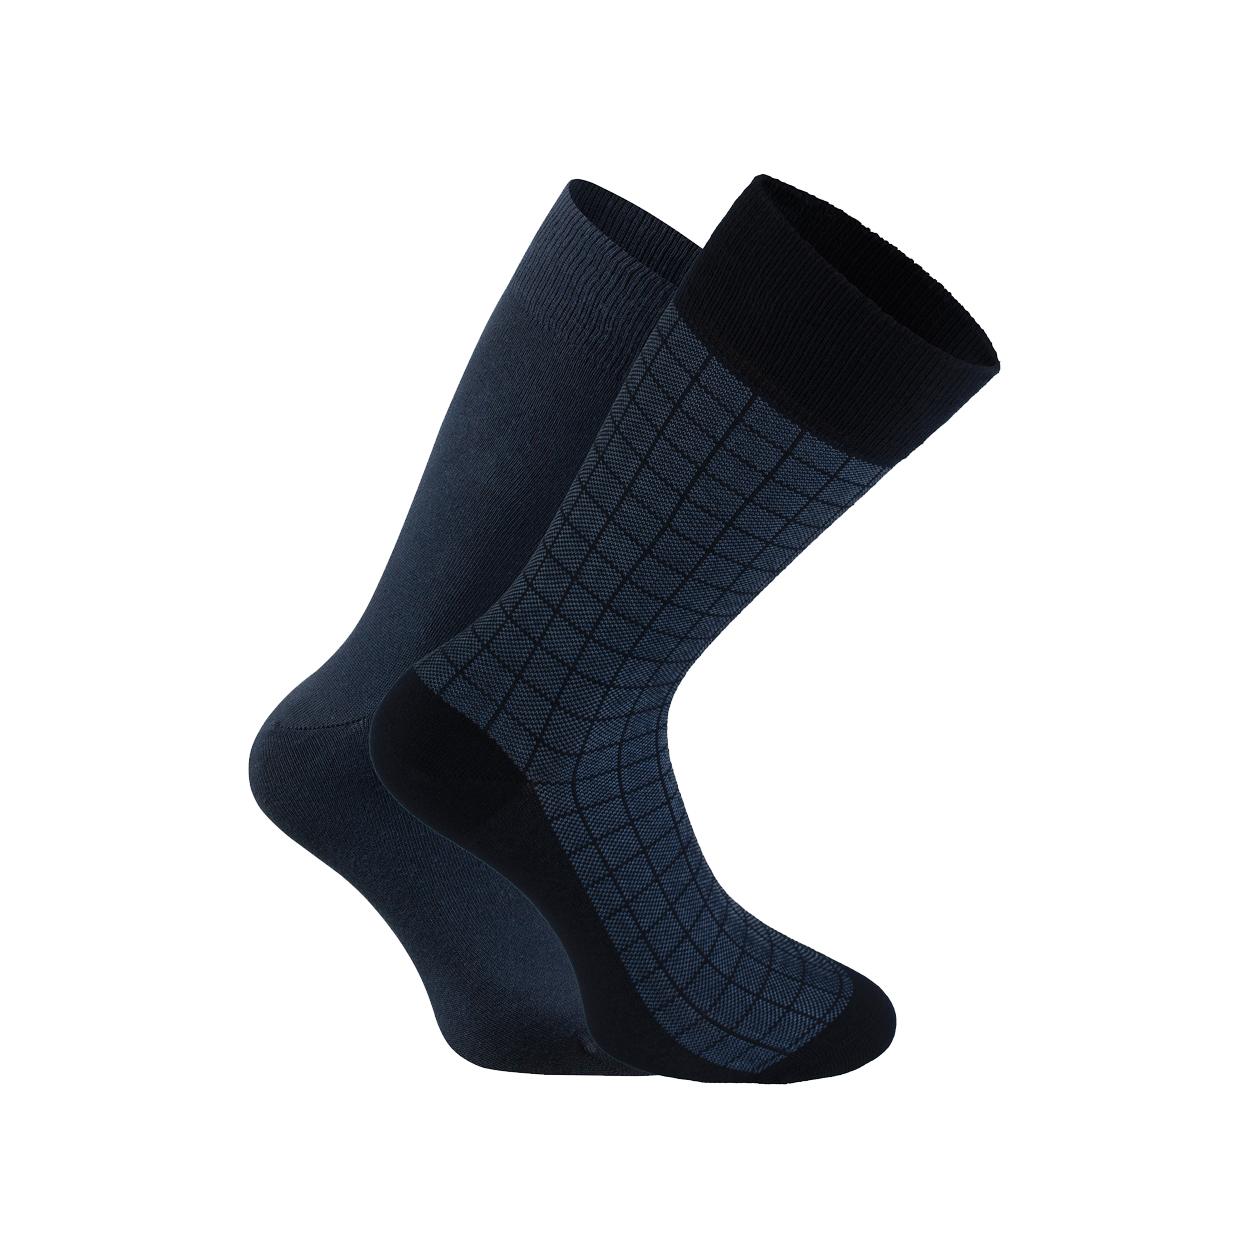 Lot de 2 paires de chaussettes  en coton mélangé bleu marine et imprimé carreaux